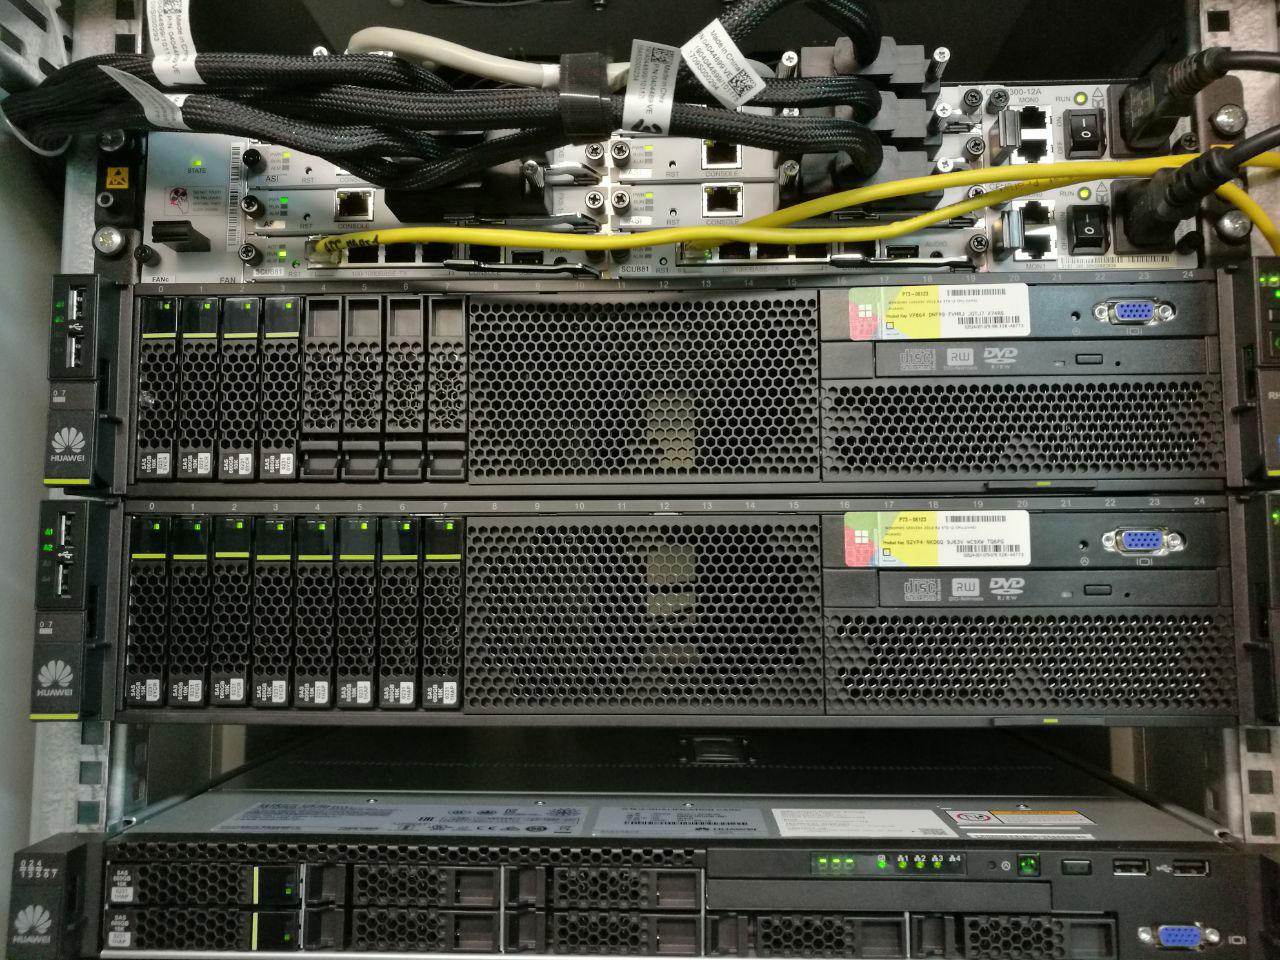 Как мы делали гигантский объём связи для немаленькой охранной структуры - 1